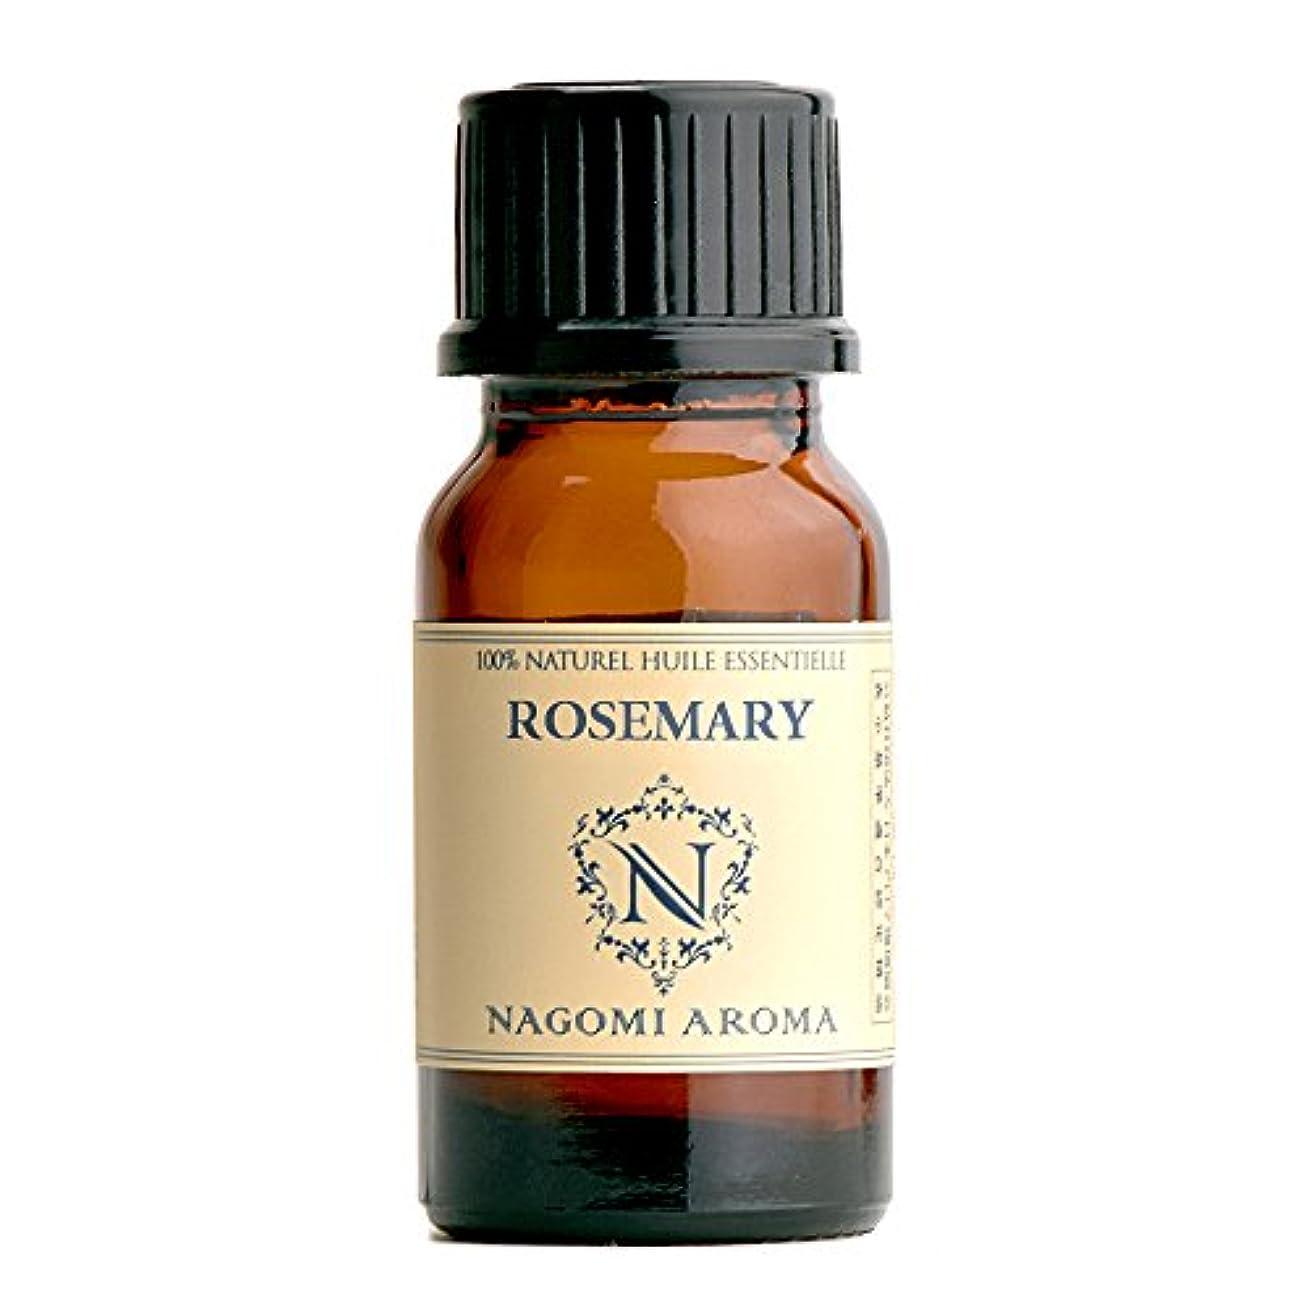 ビタミン修復常にNAGOMI AROMA ローズマリーctシネオール 10ml 【AEAJ認定精油】【アロマオイル】